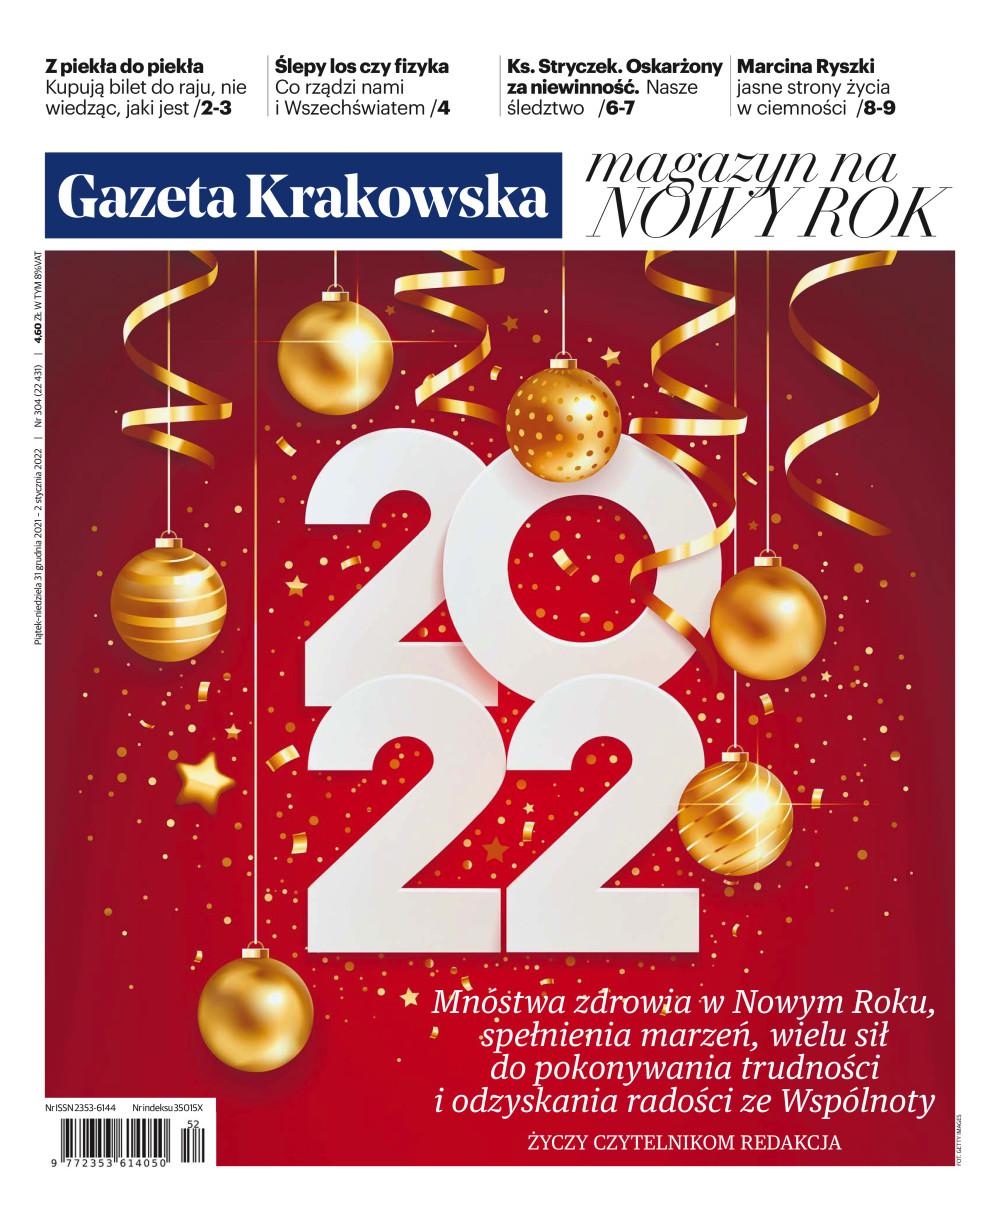 Gazeta Krakowska – regionalne e-wydania